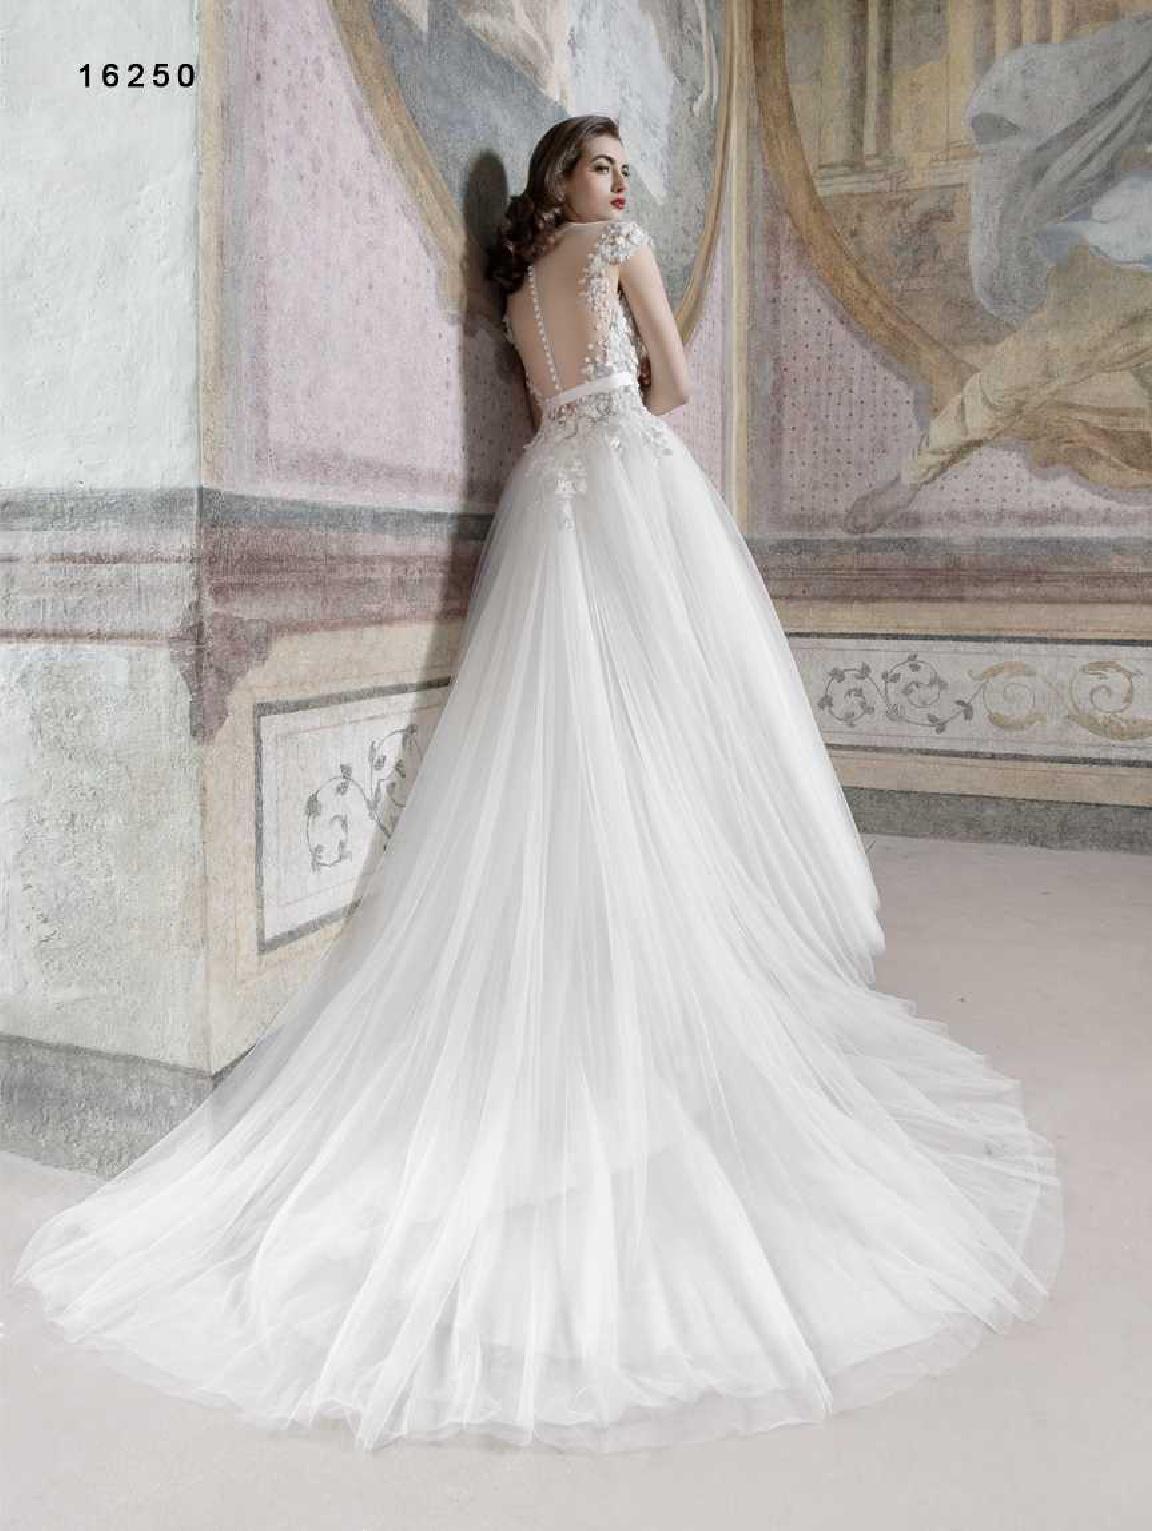 vinni-collezione-2017-abiti-sposa-45  ABITI DA SPOSA